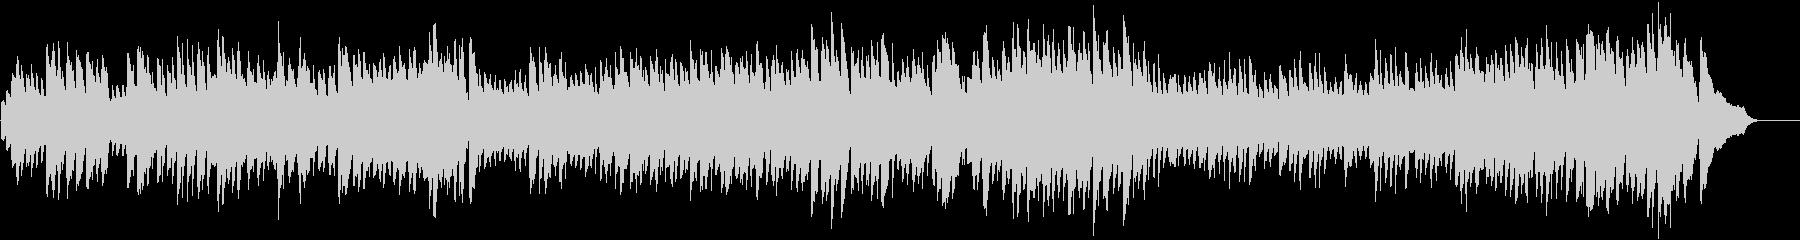 バッハ_インヴェンション第1番_ピアノの未再生の波形